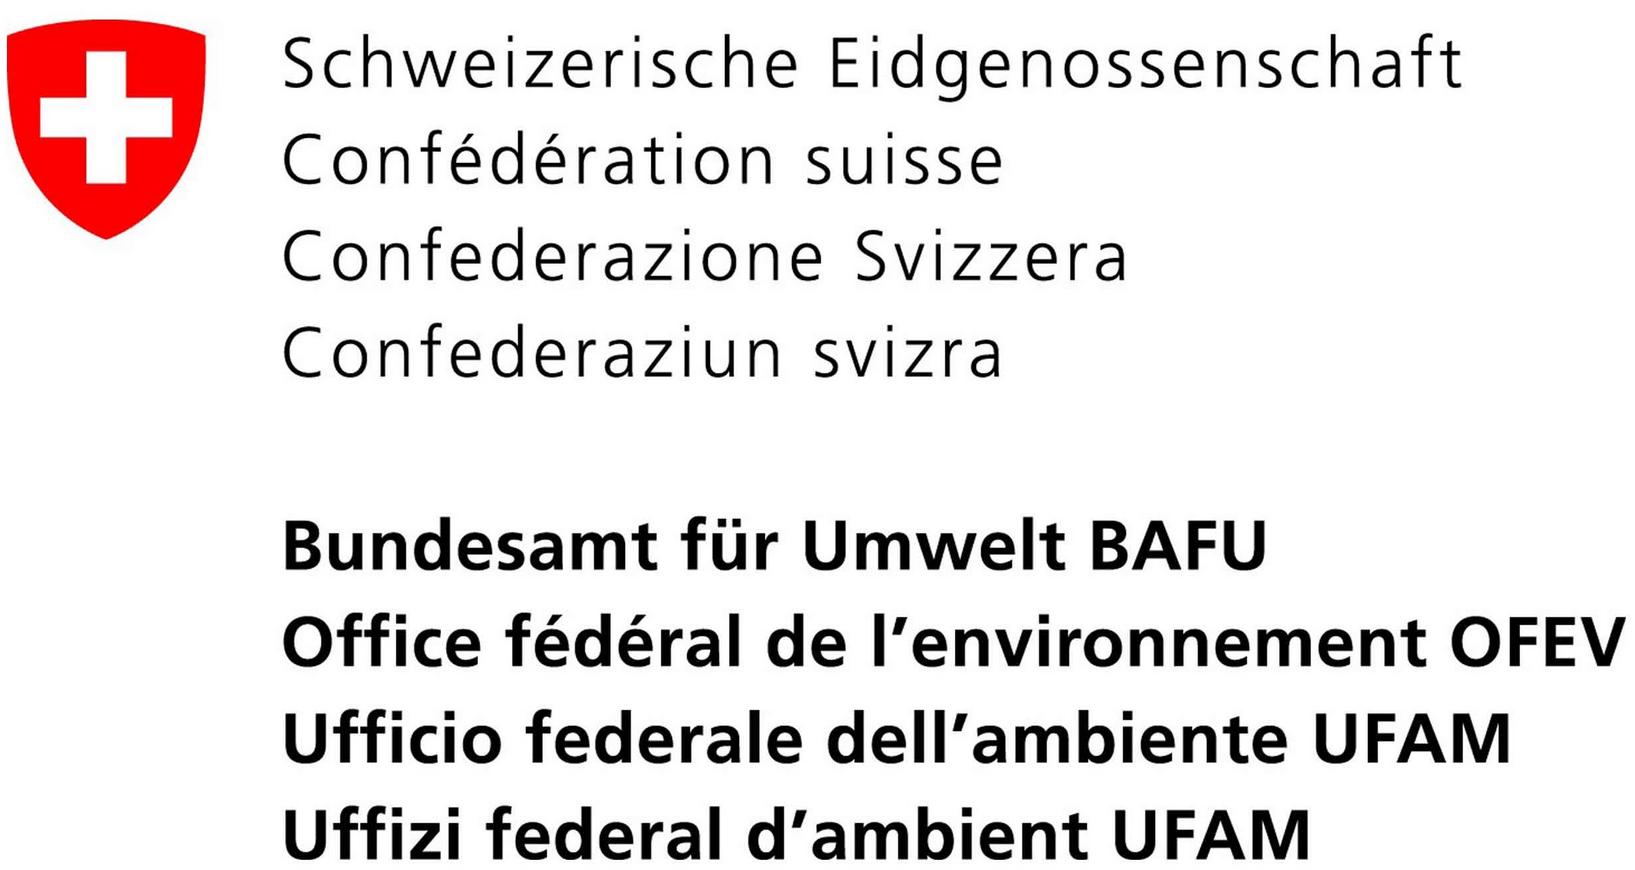 Bundesamt für Umwelt Natürliche Ressourcen in der Schweiz rentscout